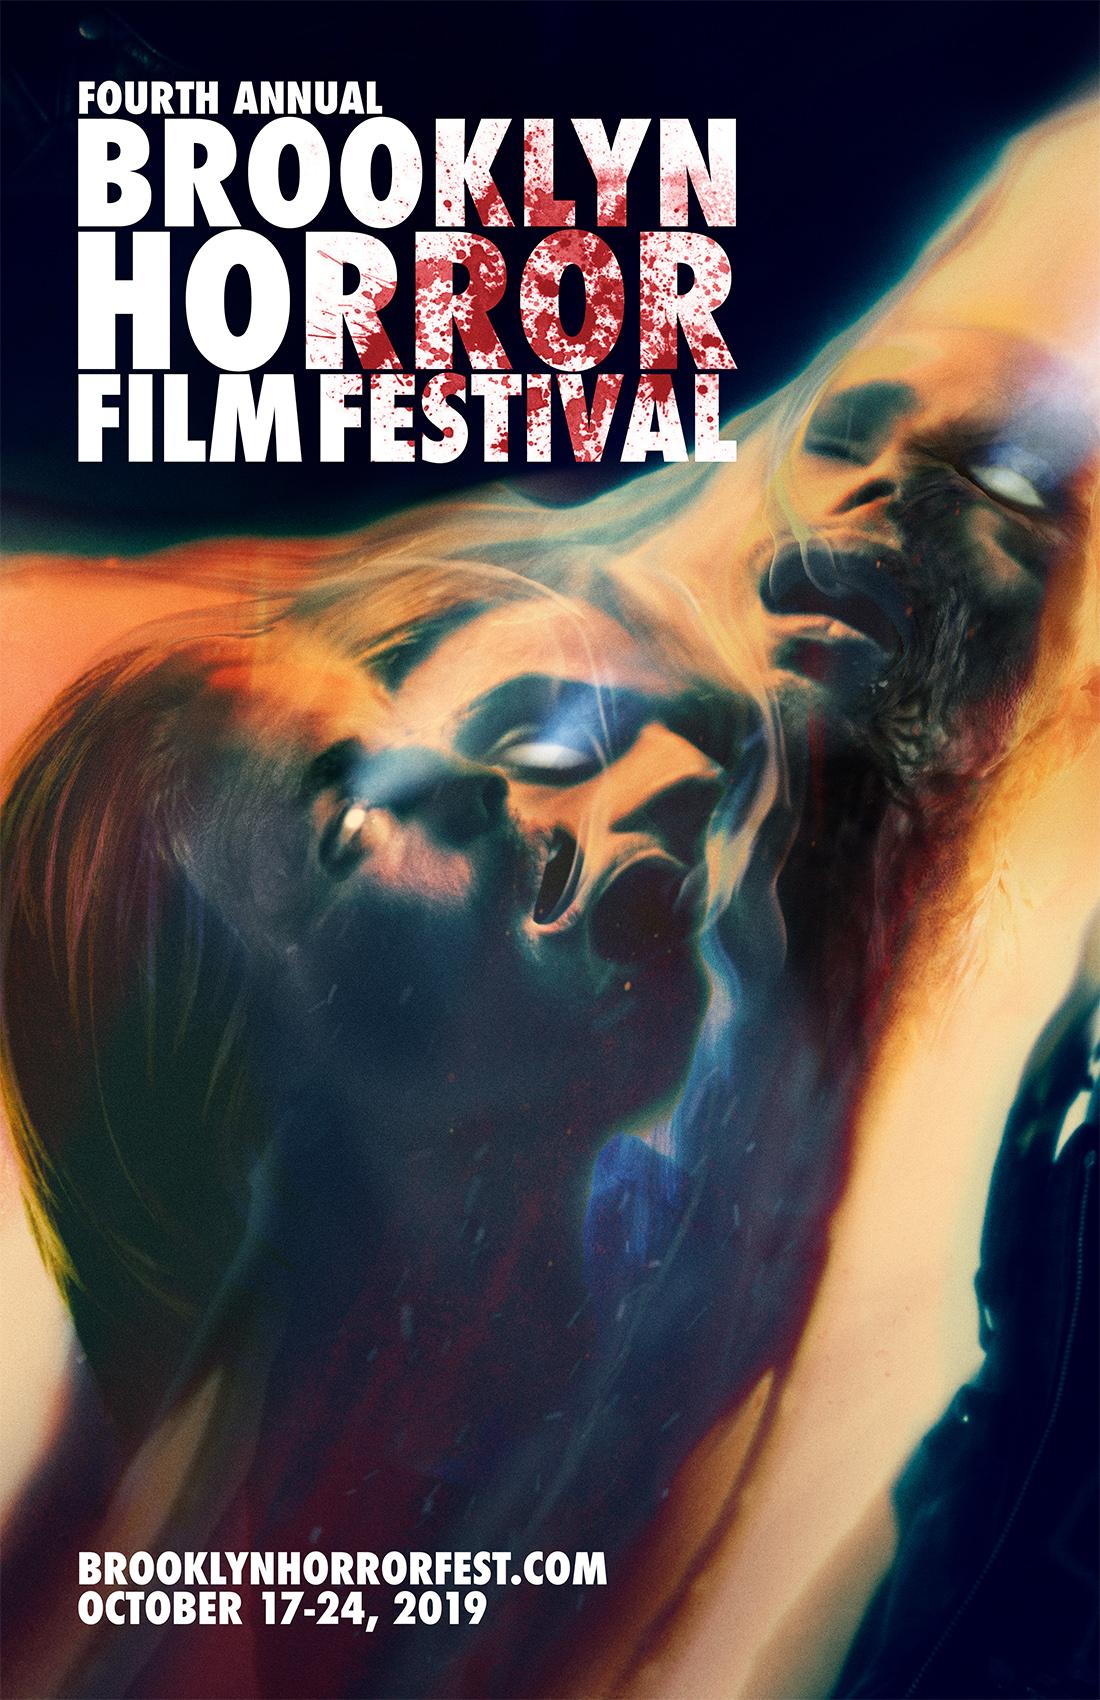 Brooklyn Horror Film Festival